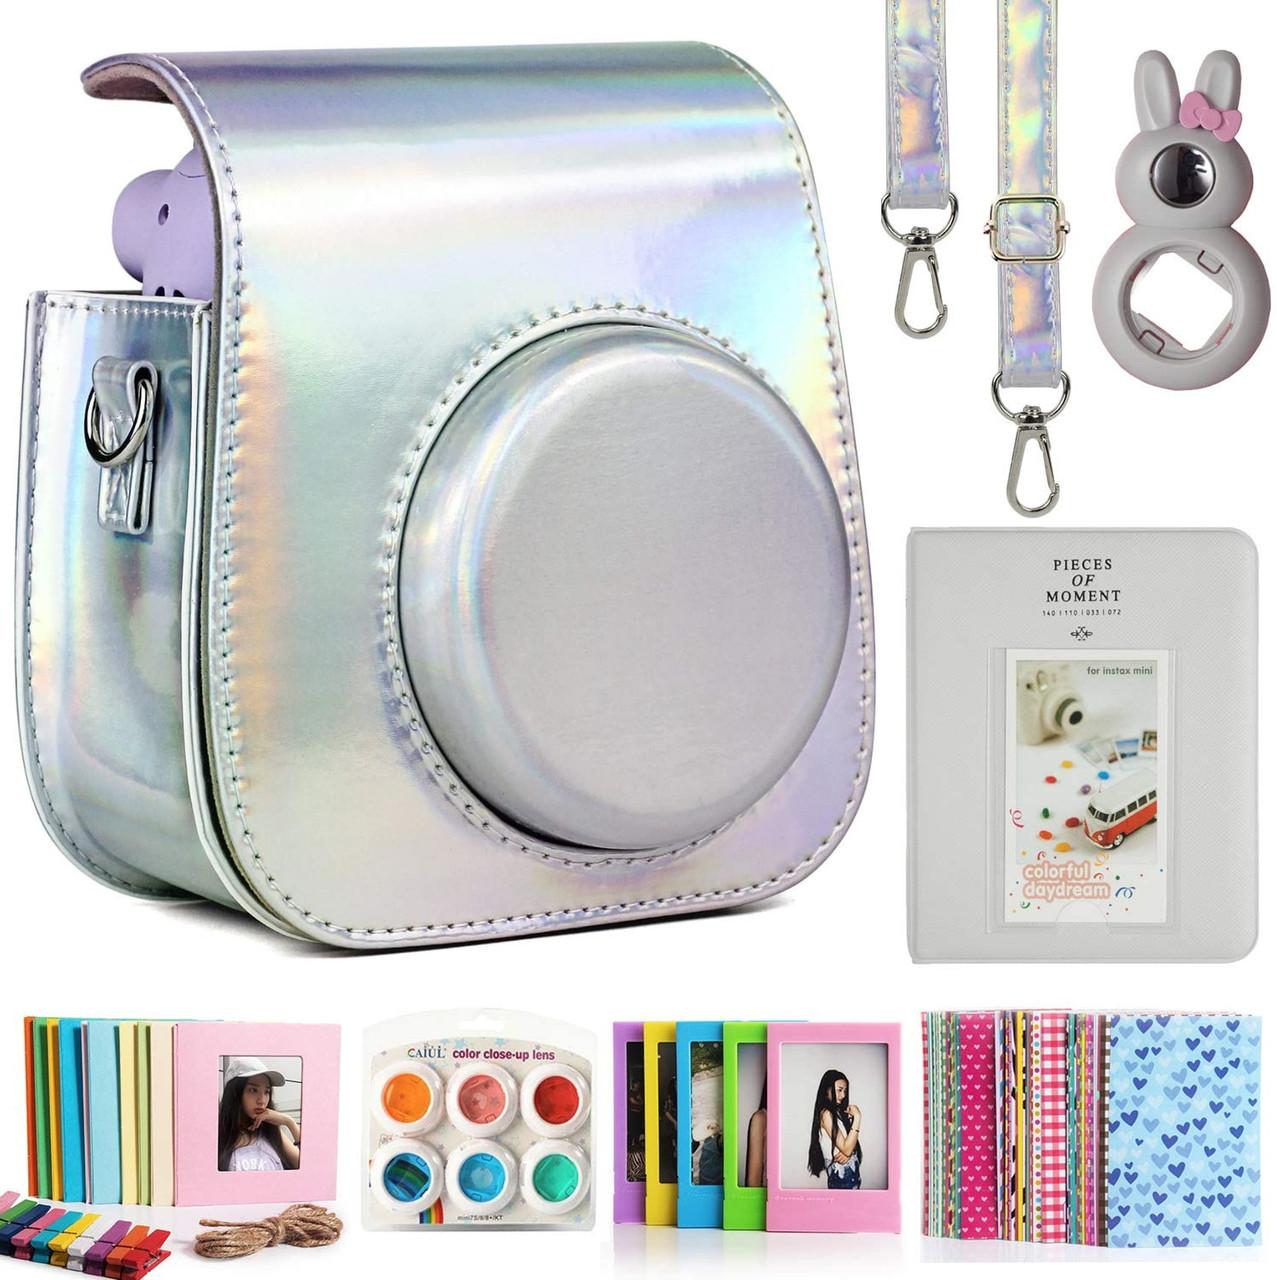 Набор для Камеры моментальной Печати Fujifilm Instax Mini 11 Чехол, Линзы, Рамки, Альбом от CAIUL